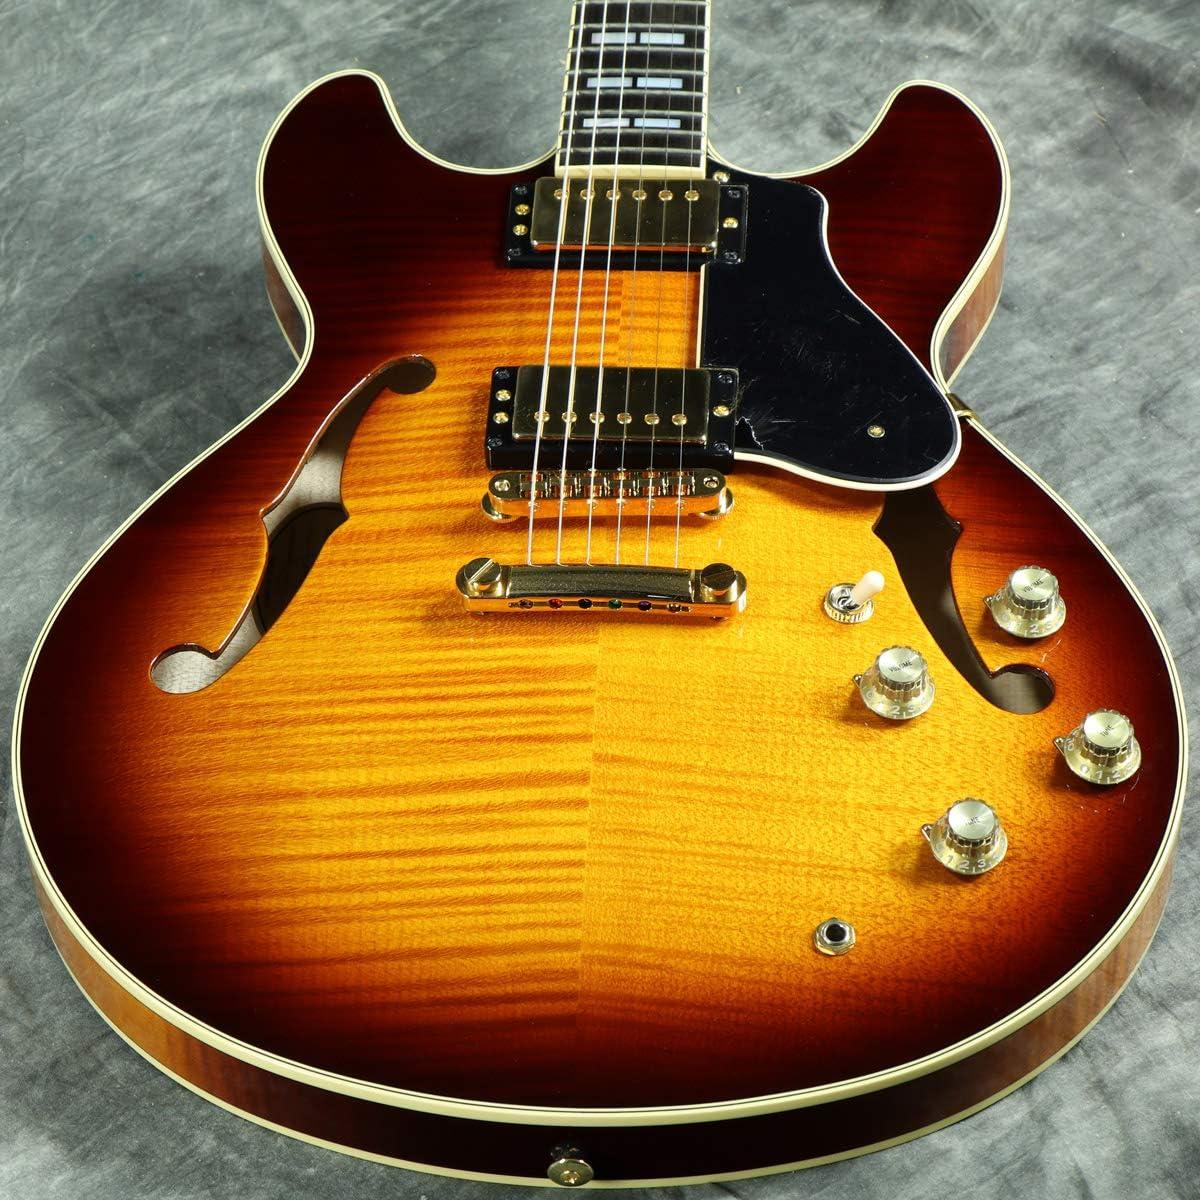 【アウトレット】YAMAHA / SA2200 バイオリンサンバースト(VS) 【訳ありB級アウトレット特価】 ヤマハ エレキギター